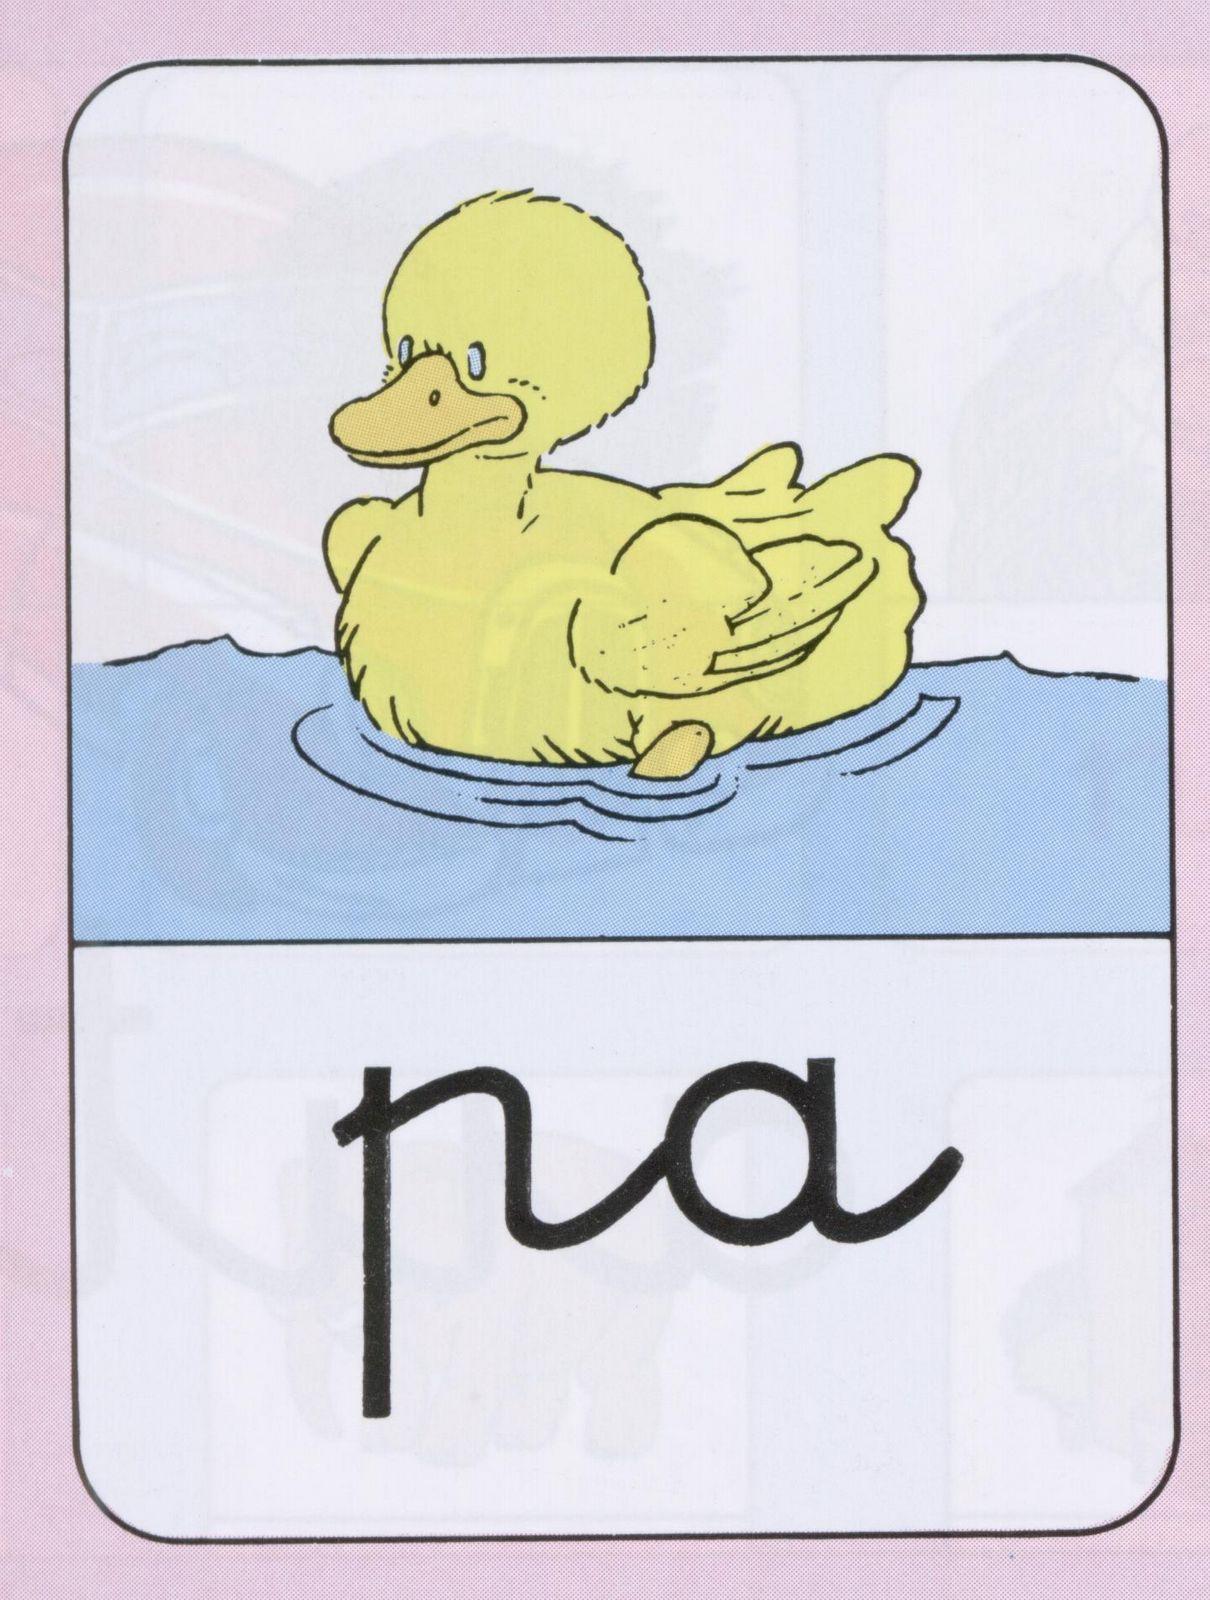 ilustradas para formar palavras em espanhol espanhol para crianças #A29D29 1210 1600